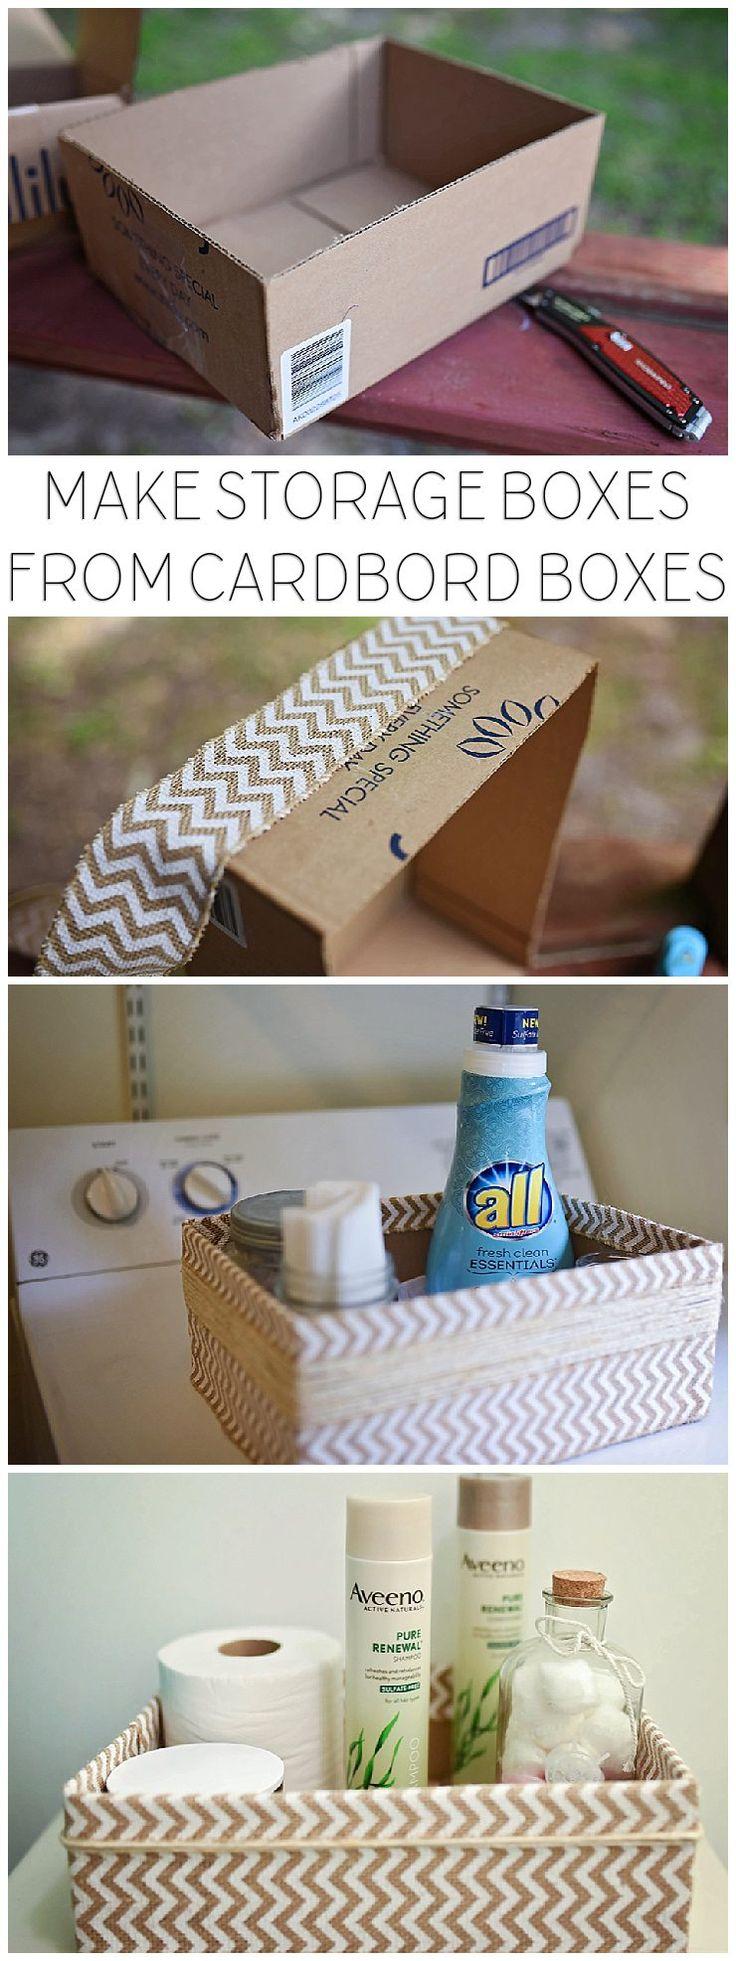 Cajas de cartón recicladas en cajas de almacenamiento